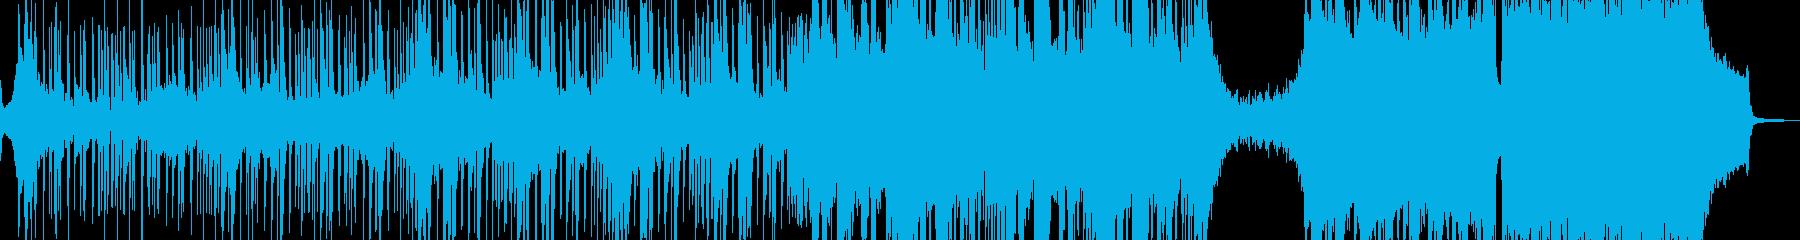 邪悪なヒップホップ・エレキギター有 短尺の再生済みの波形